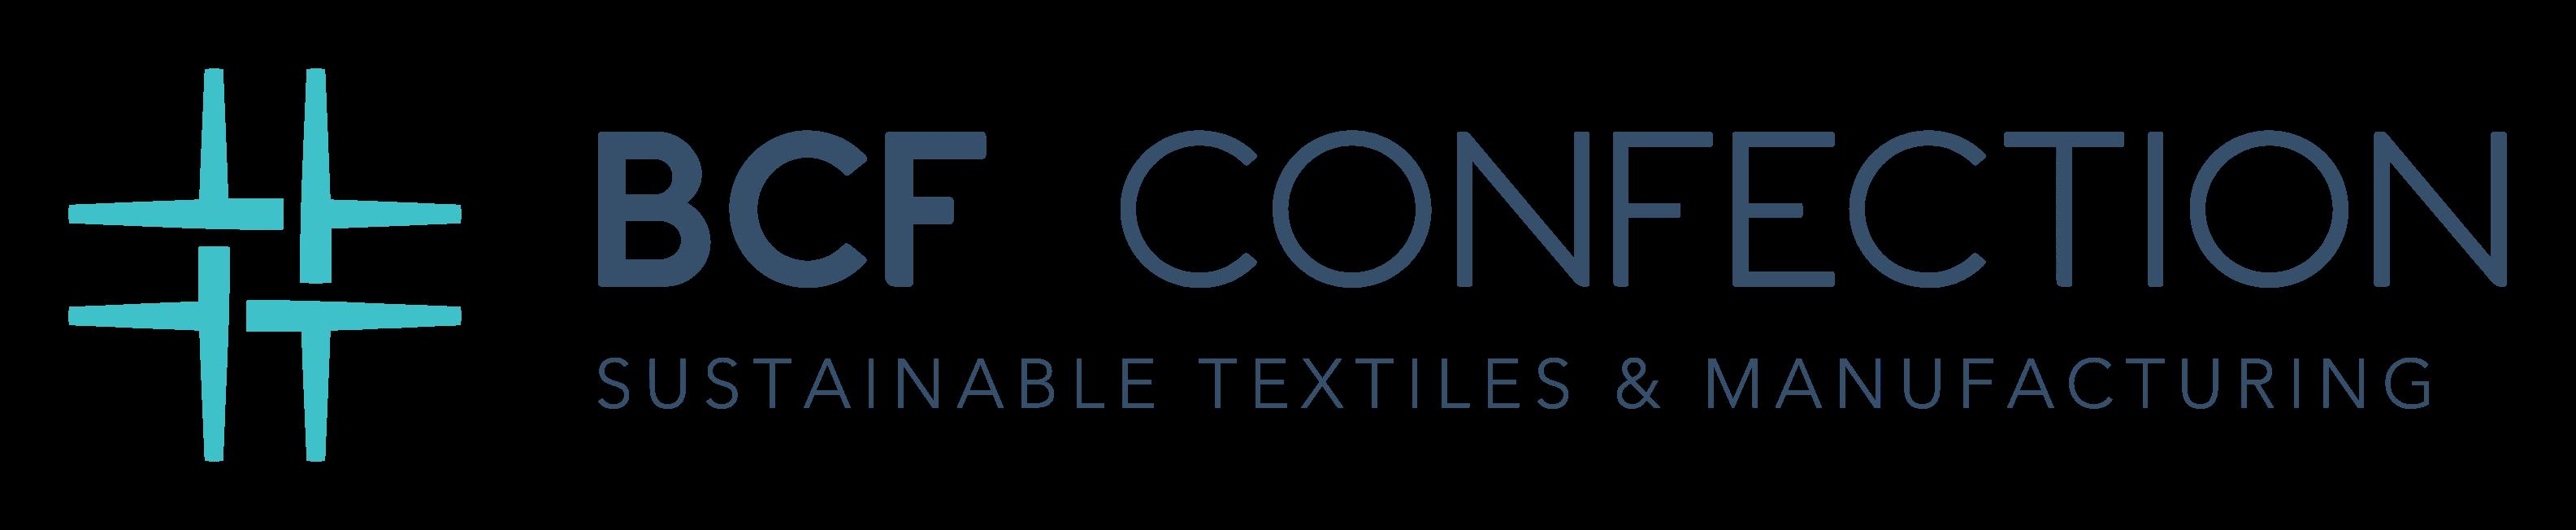 Logo BCF Confection